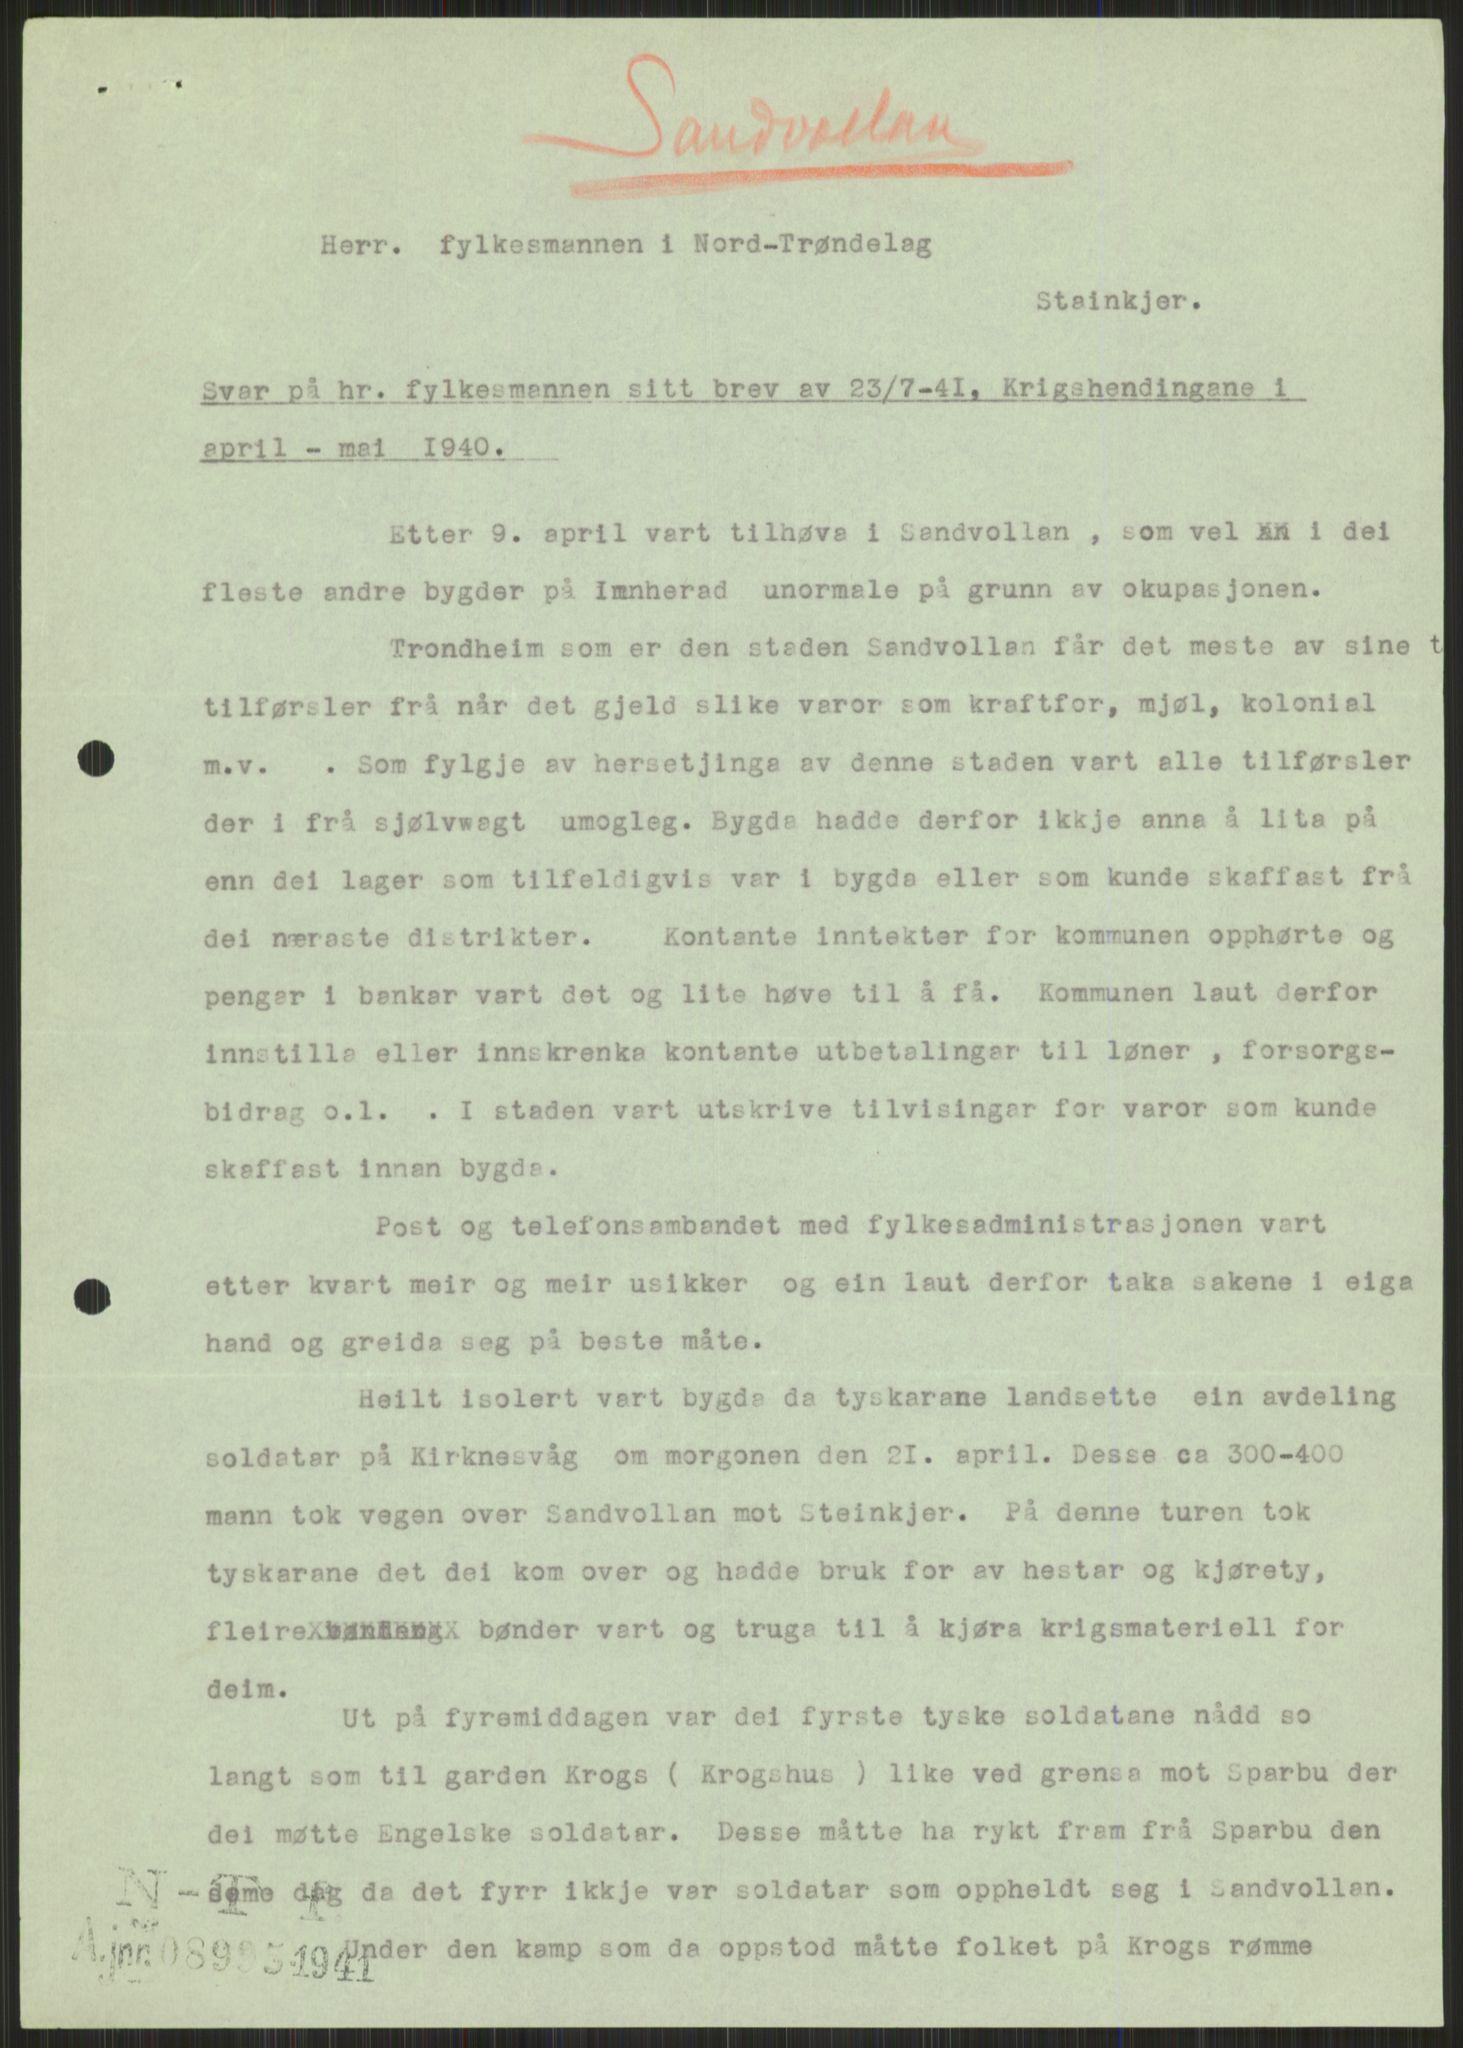 RA, Forsvaret, Forsvarets krigshistoriske avdeling, Y/Ya/L0016: II-C-11-31 - Fylkesmenn.  Rapporter om krigsbegivenhetene 1940., 1940, s. 558